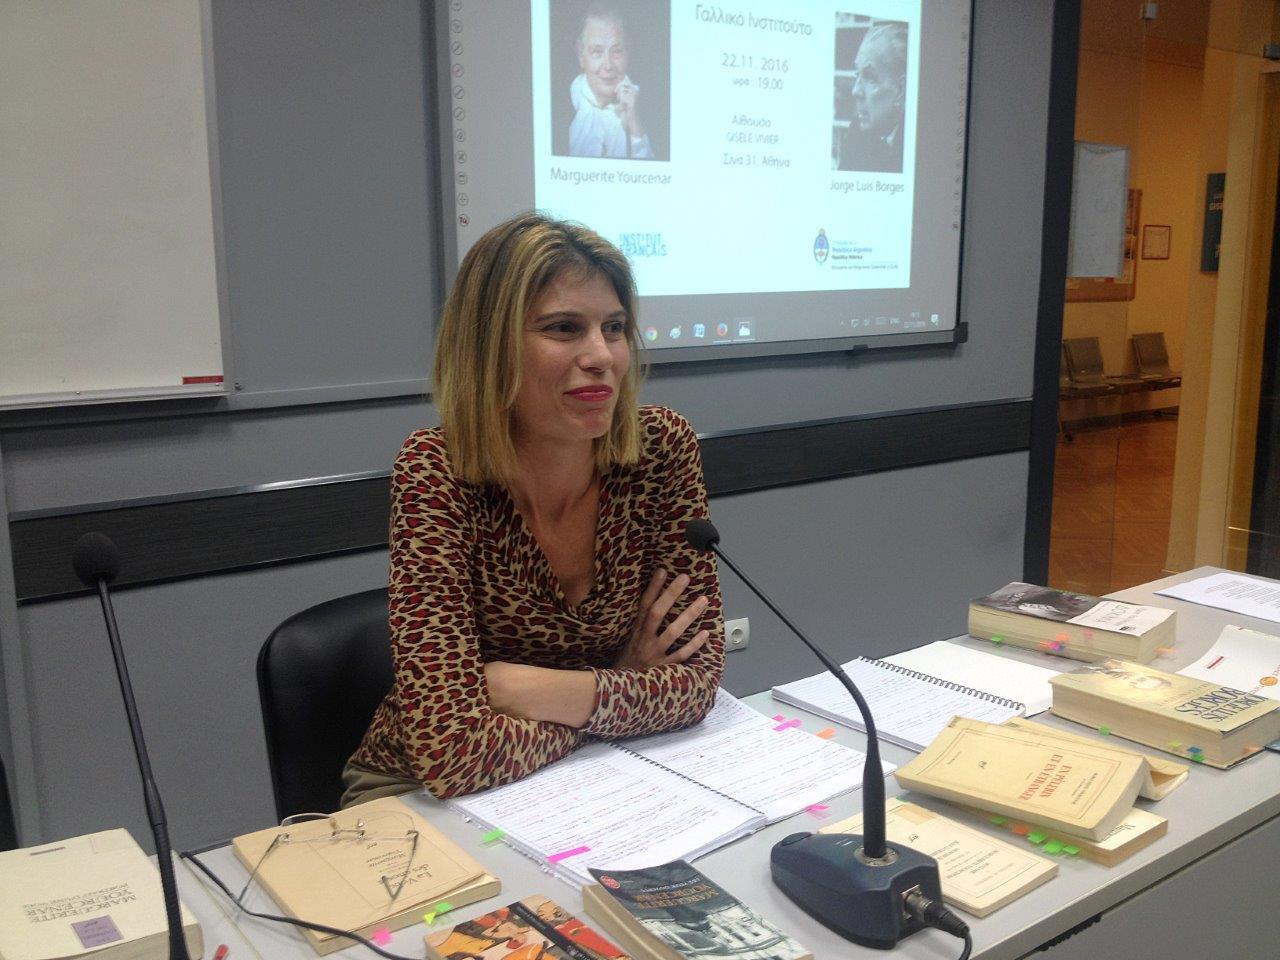 Marta Silvia Dios Sanz   Κύκλος Δον Κιχώτης: Η ζωή ως μεταφυσική περιπέτεια